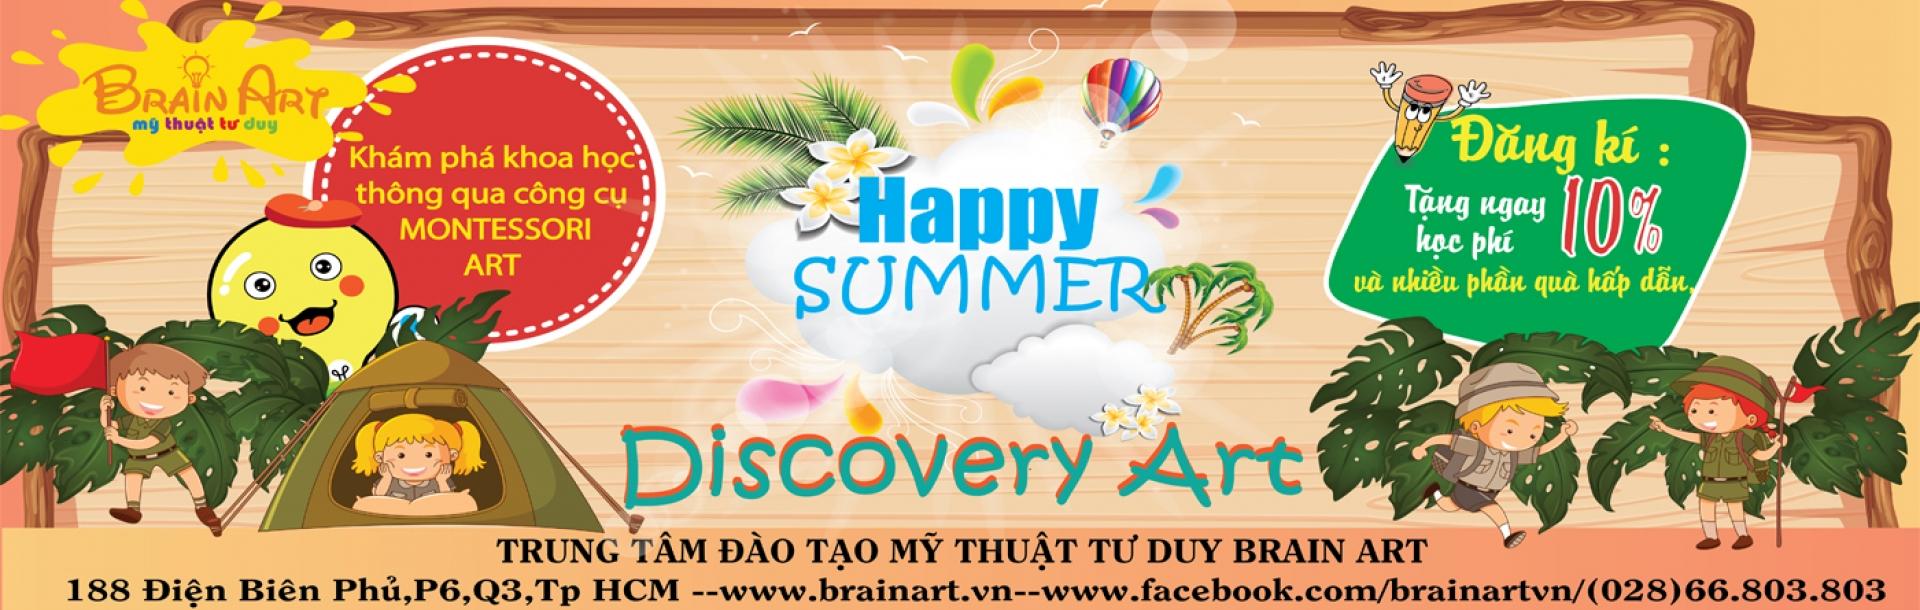 Chương trình hè Discovery Art